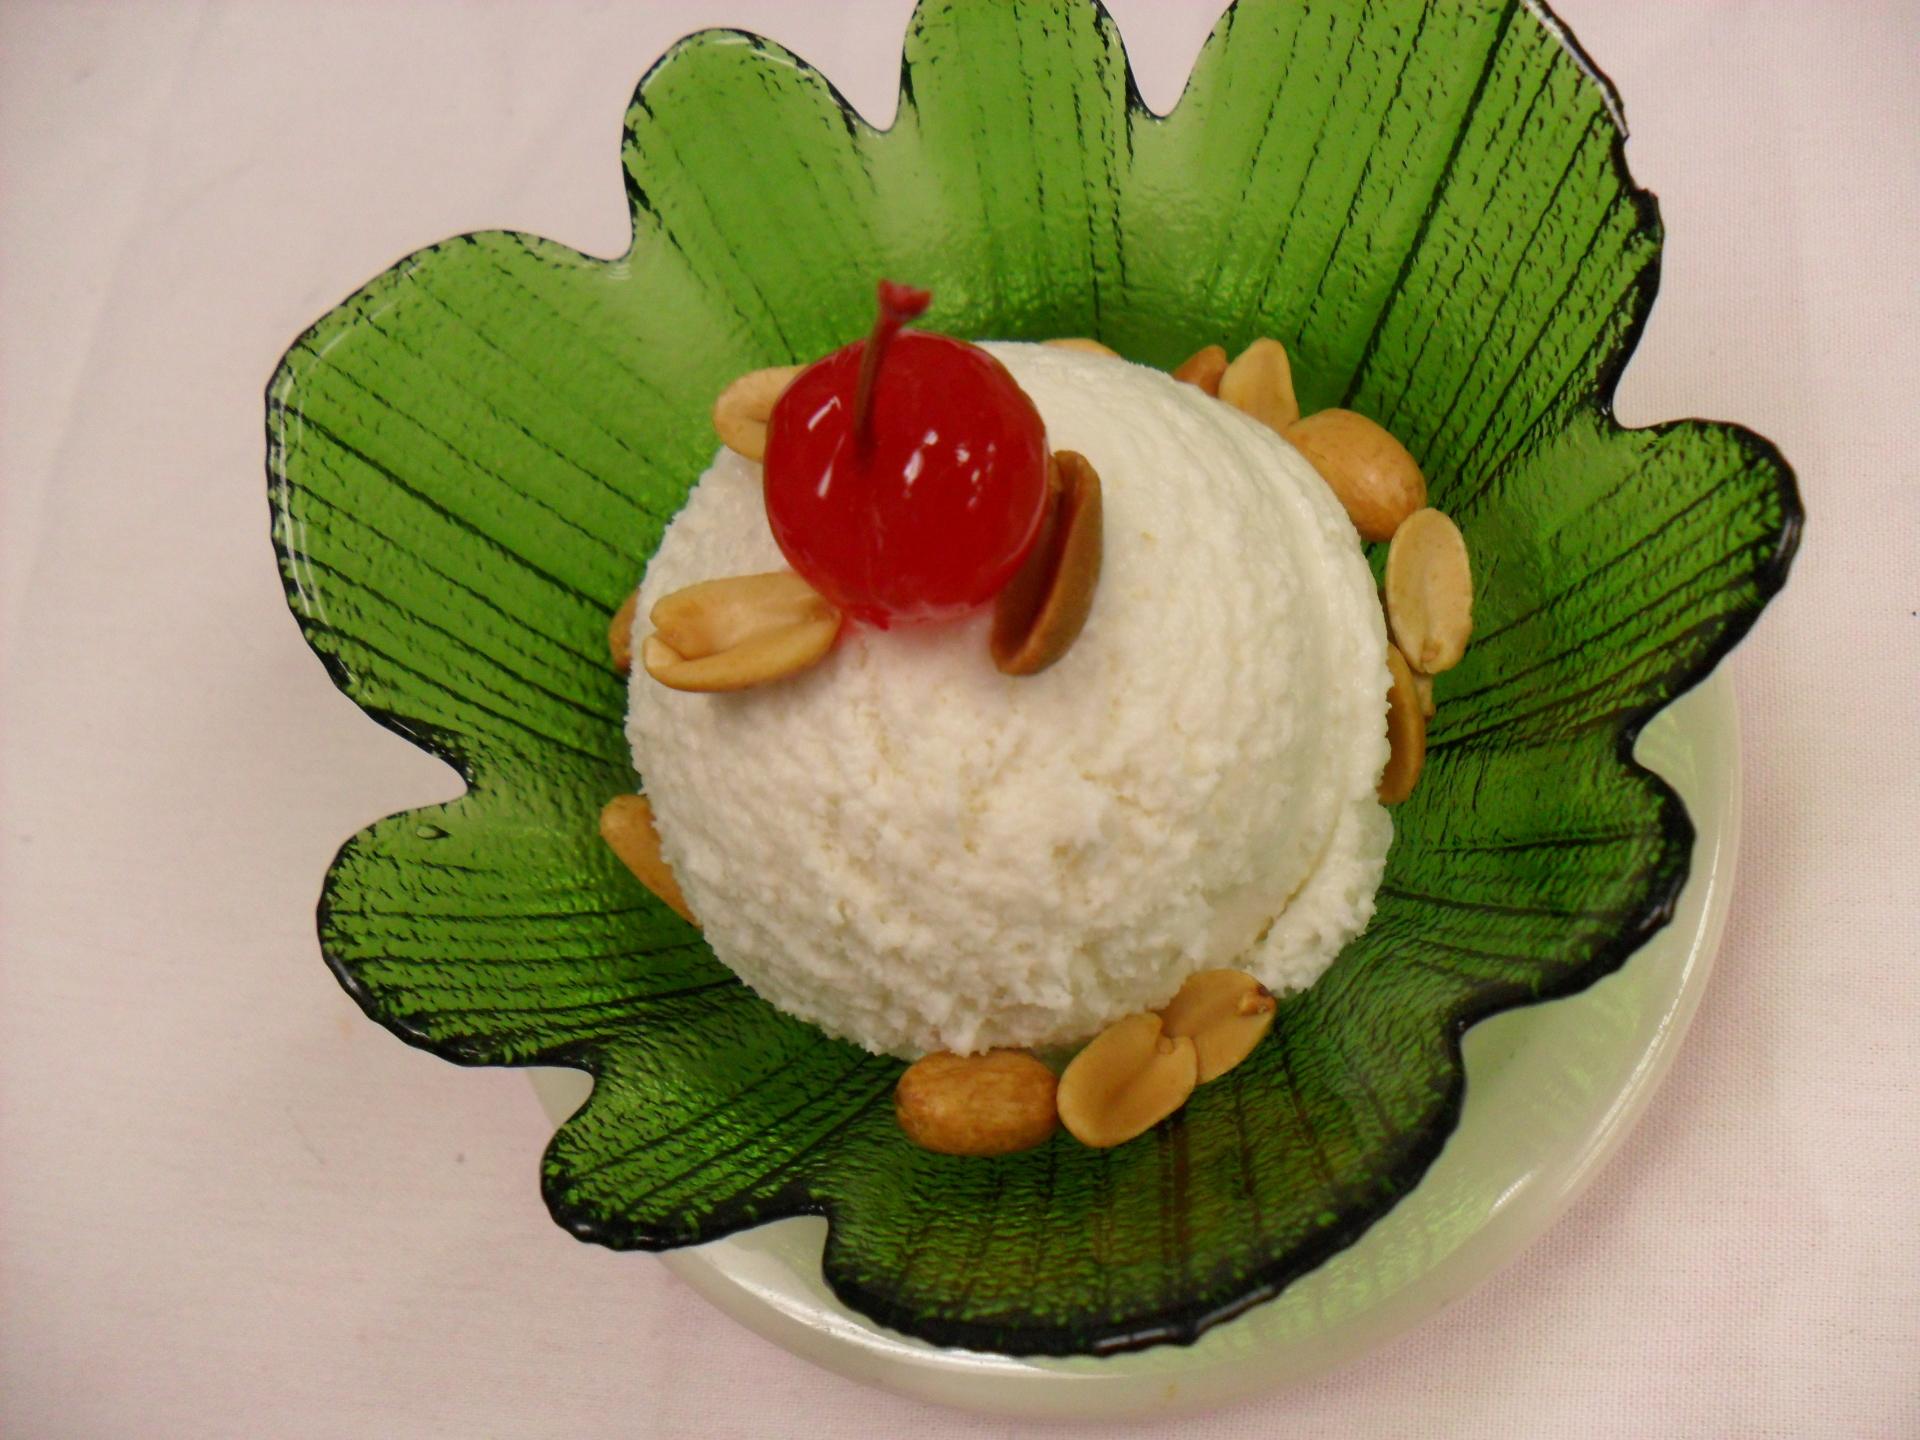 Homemade Coconut Icecream